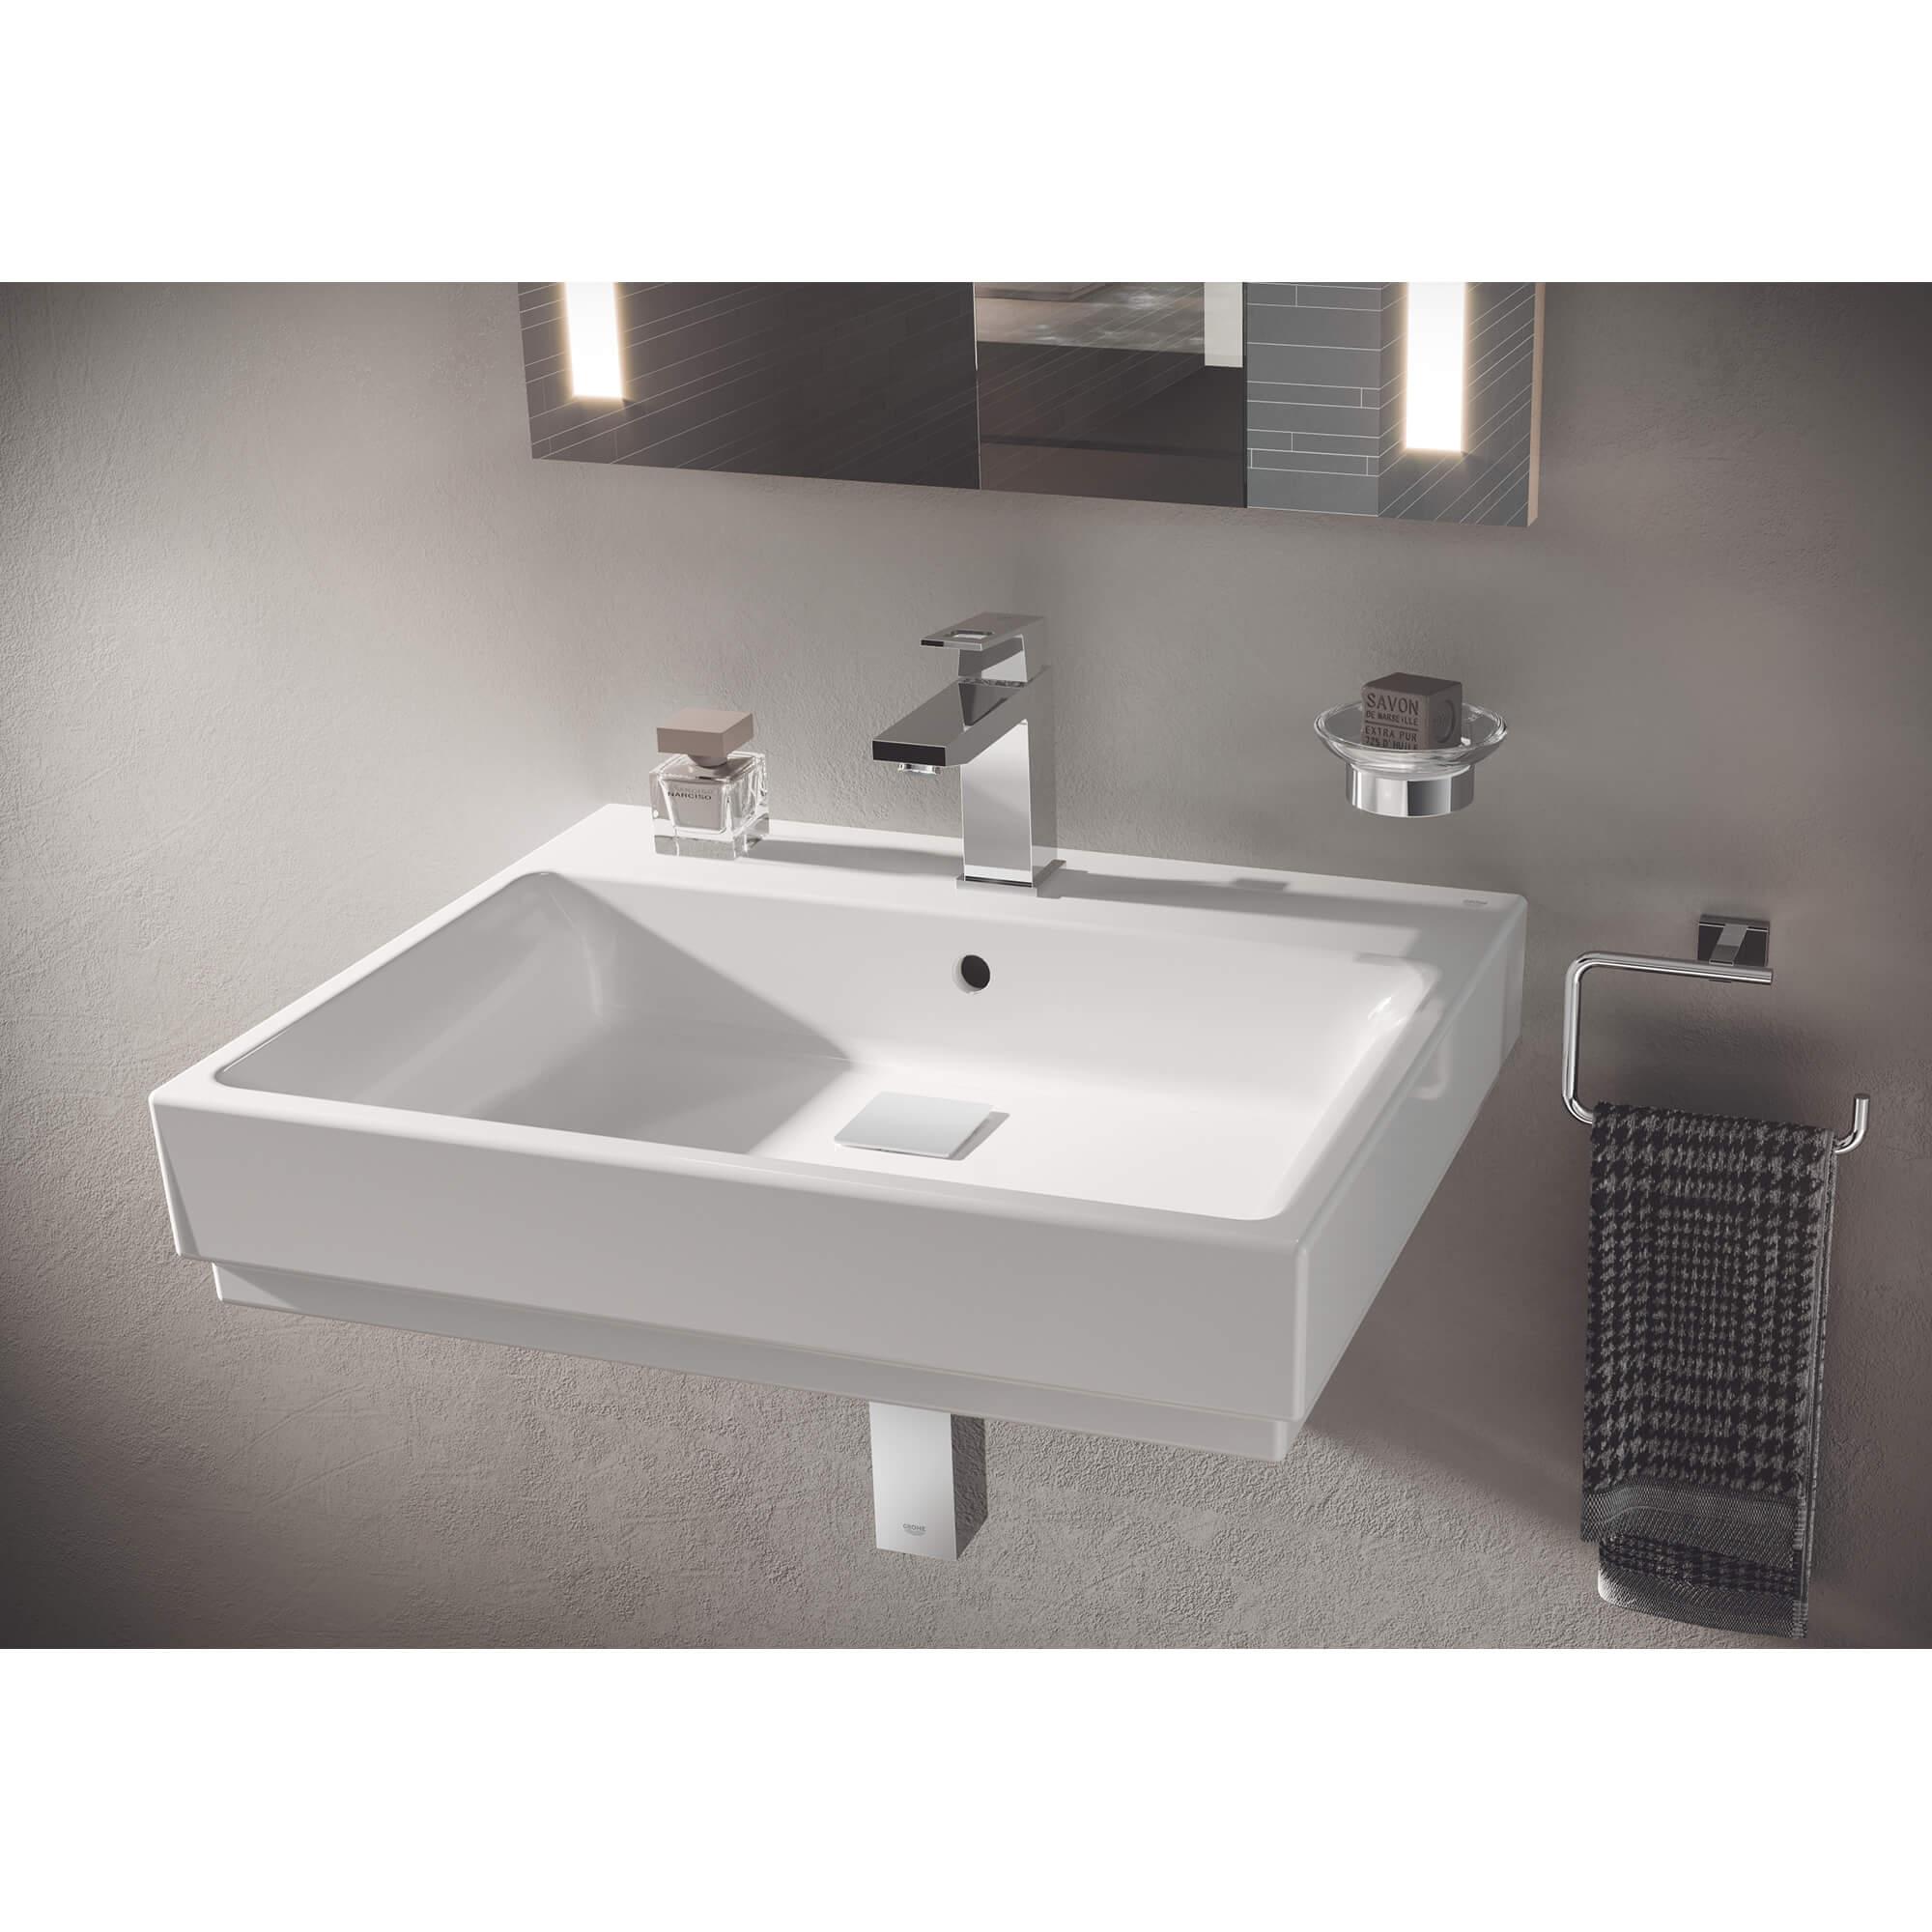 holder for glass soap dish or soap dispenser